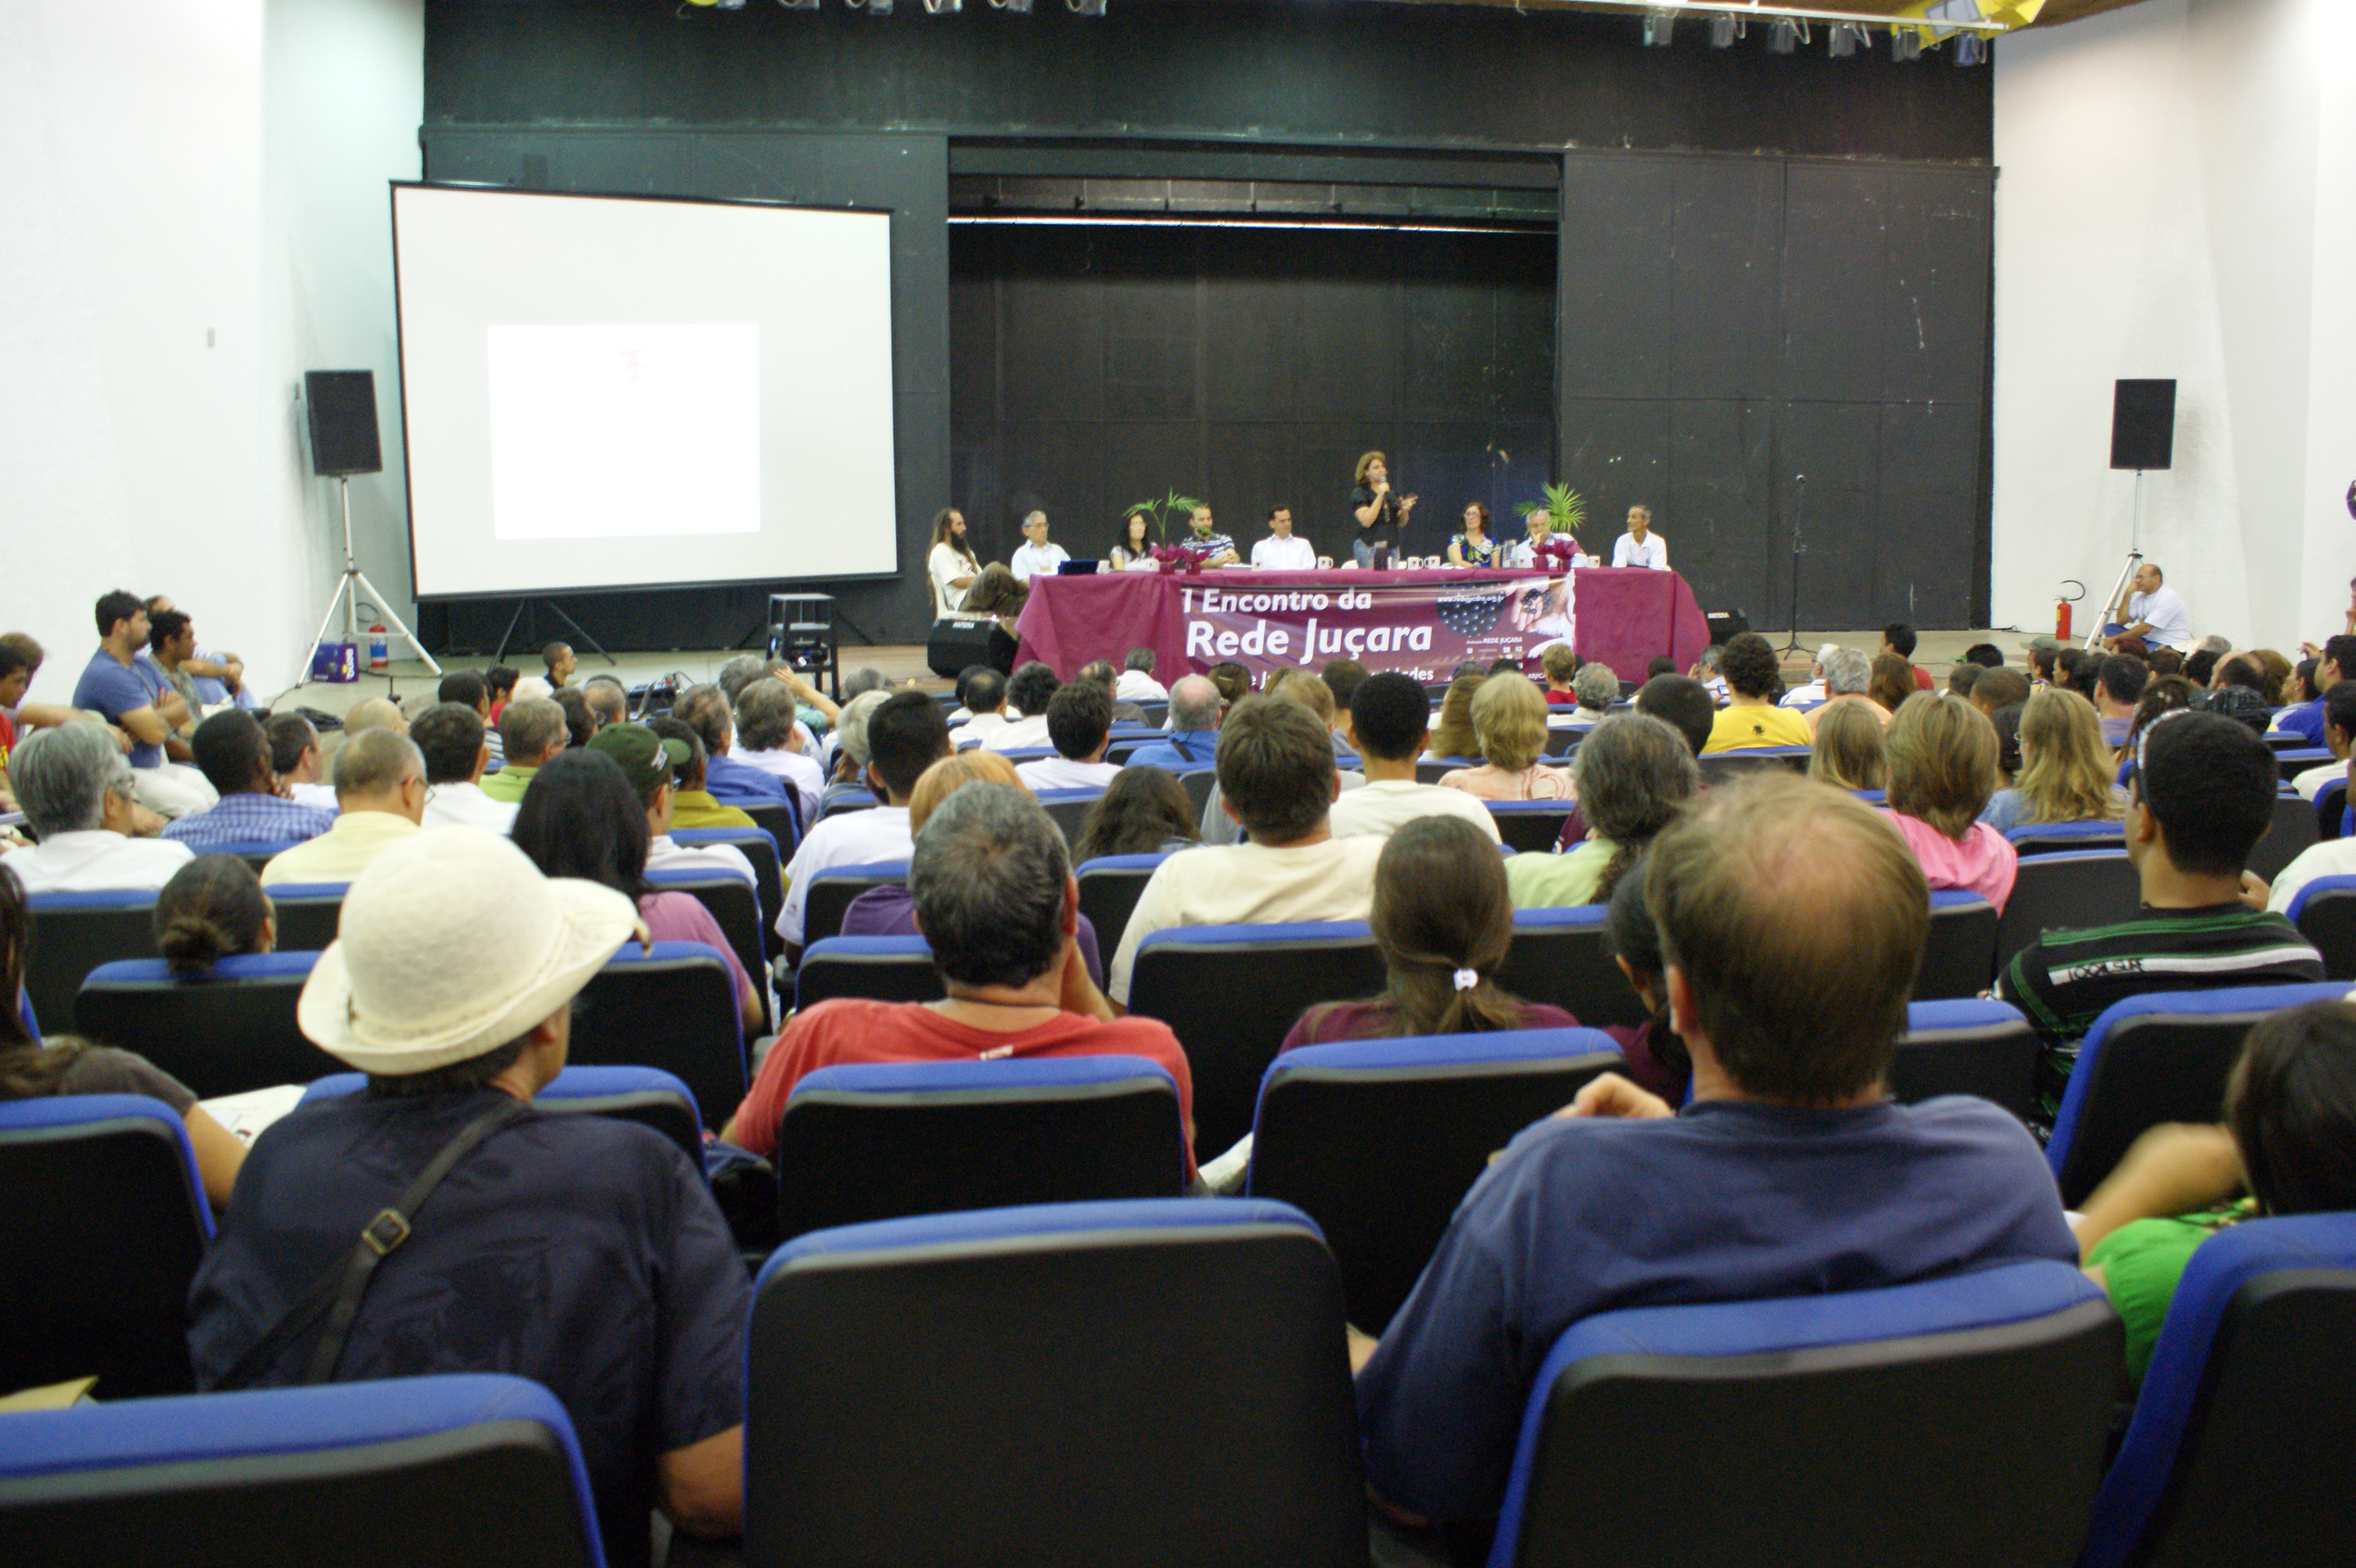 Encontro da Rede Juçara (Foto: Coletivo Catarse).